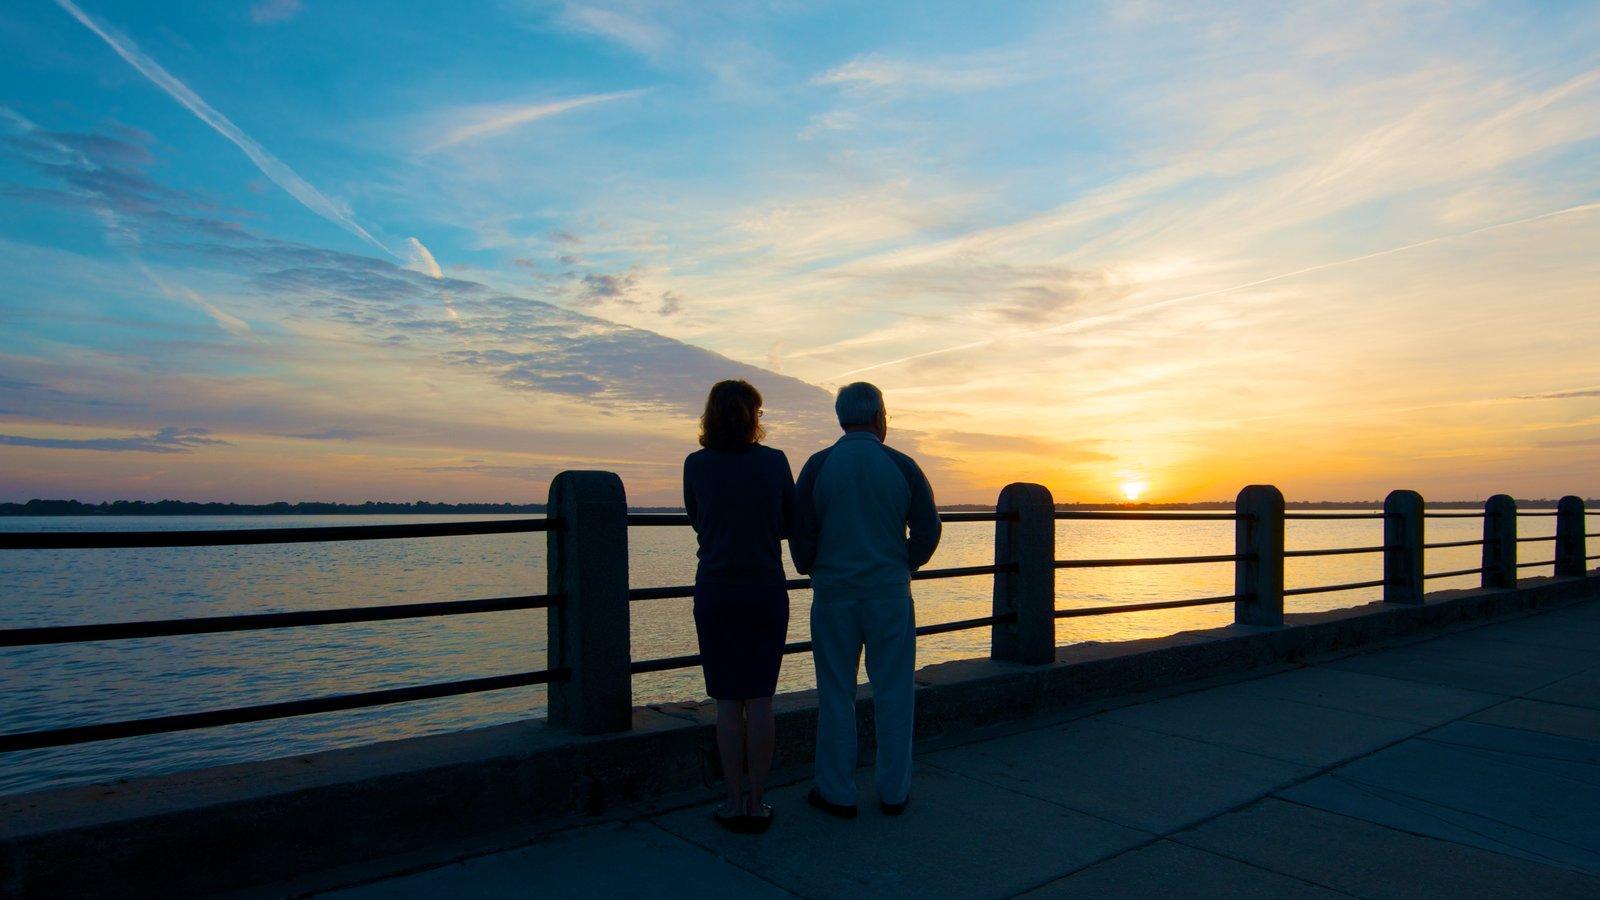 Charleston que inclui um pôr do sol, escalada ou caminhada e paisagens litorâneas